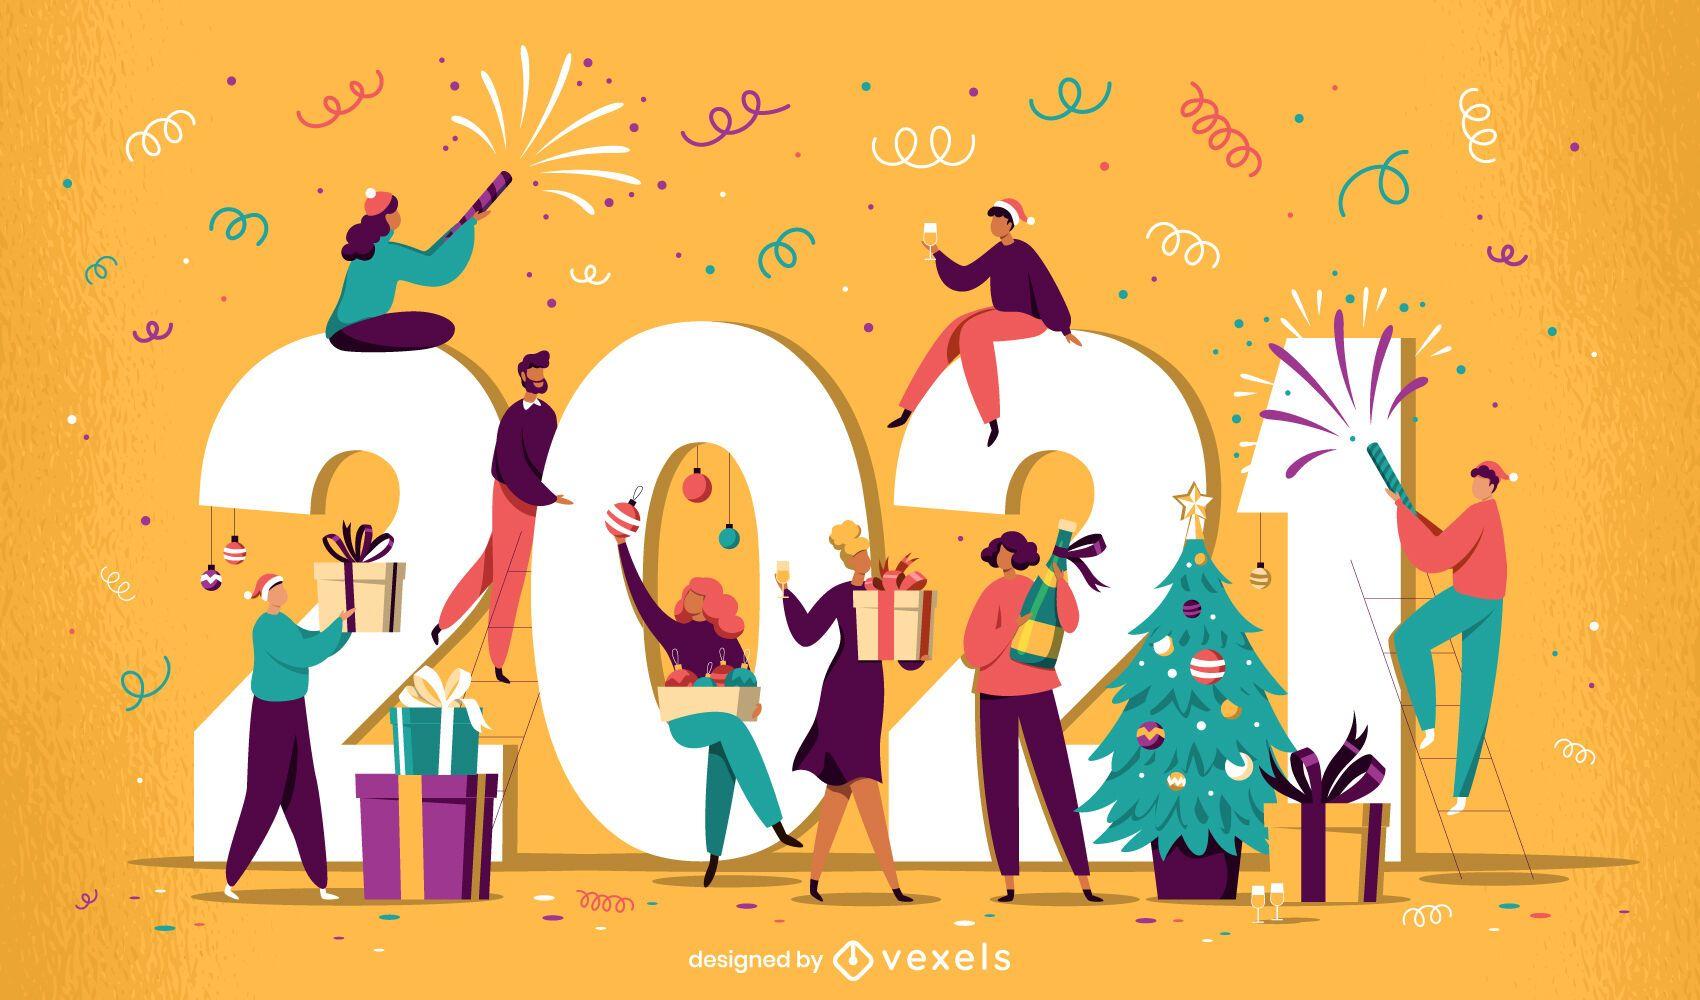 2021 celebration illustration design